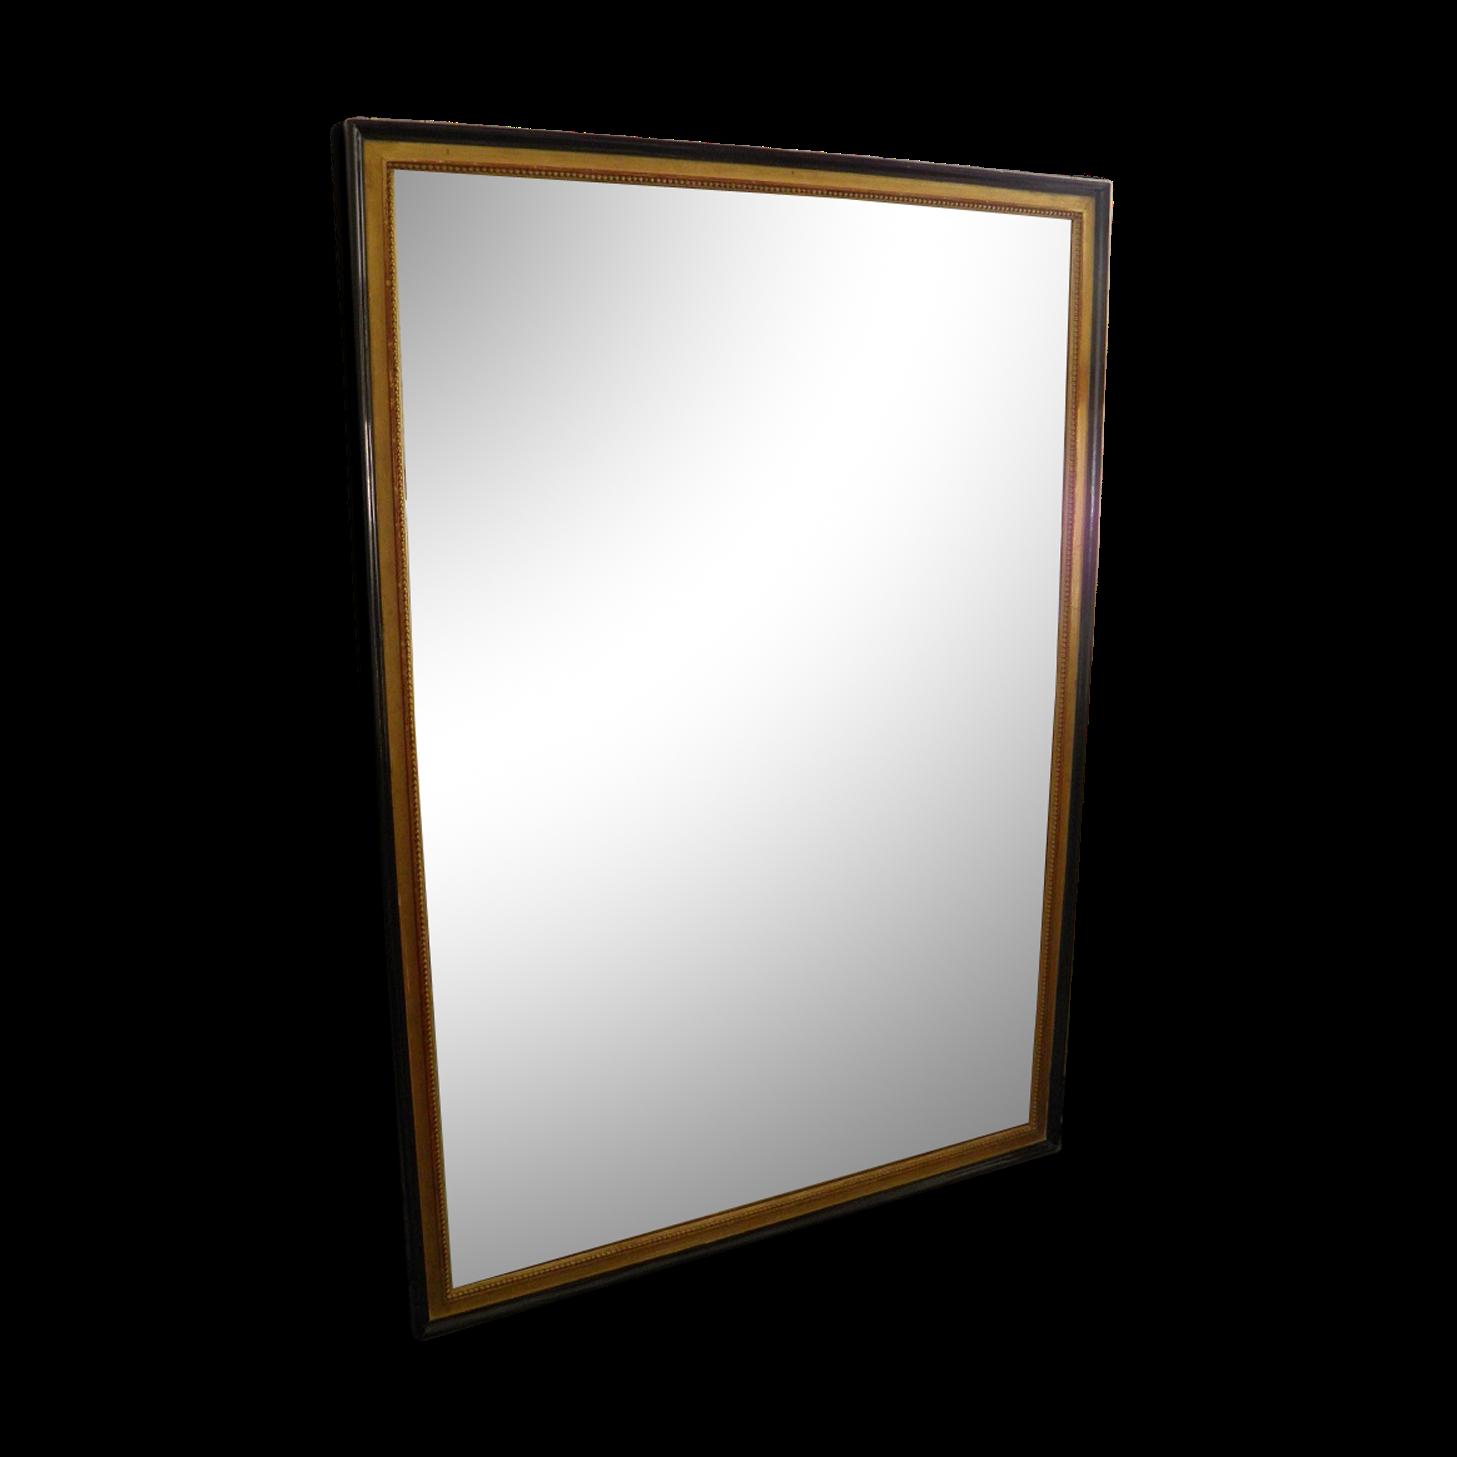 miroir encadrement noir free charmant miroir ikea et nissedal miroir noir for miroir noir with. Black Bedroom Furniture Sets. Home Design Ideas